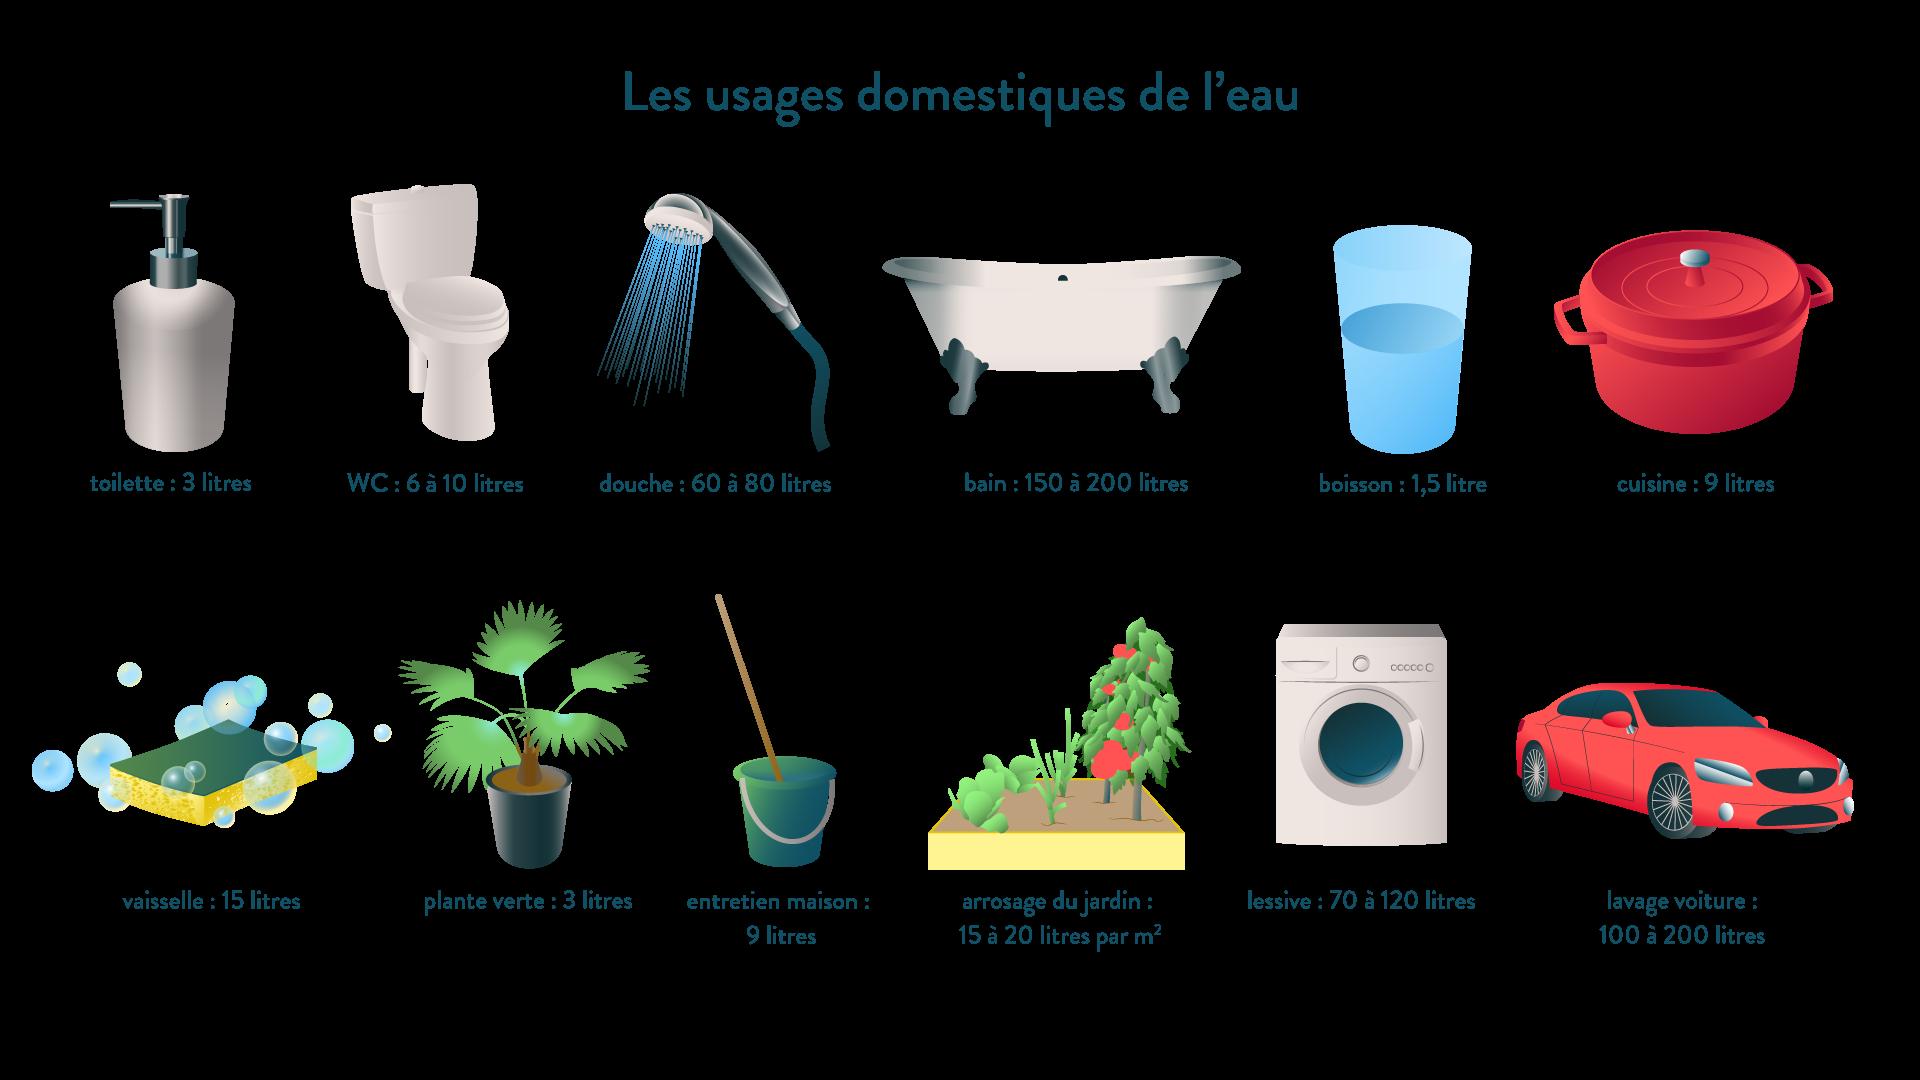 Les usages domestiques de l'eau géographie cinquième